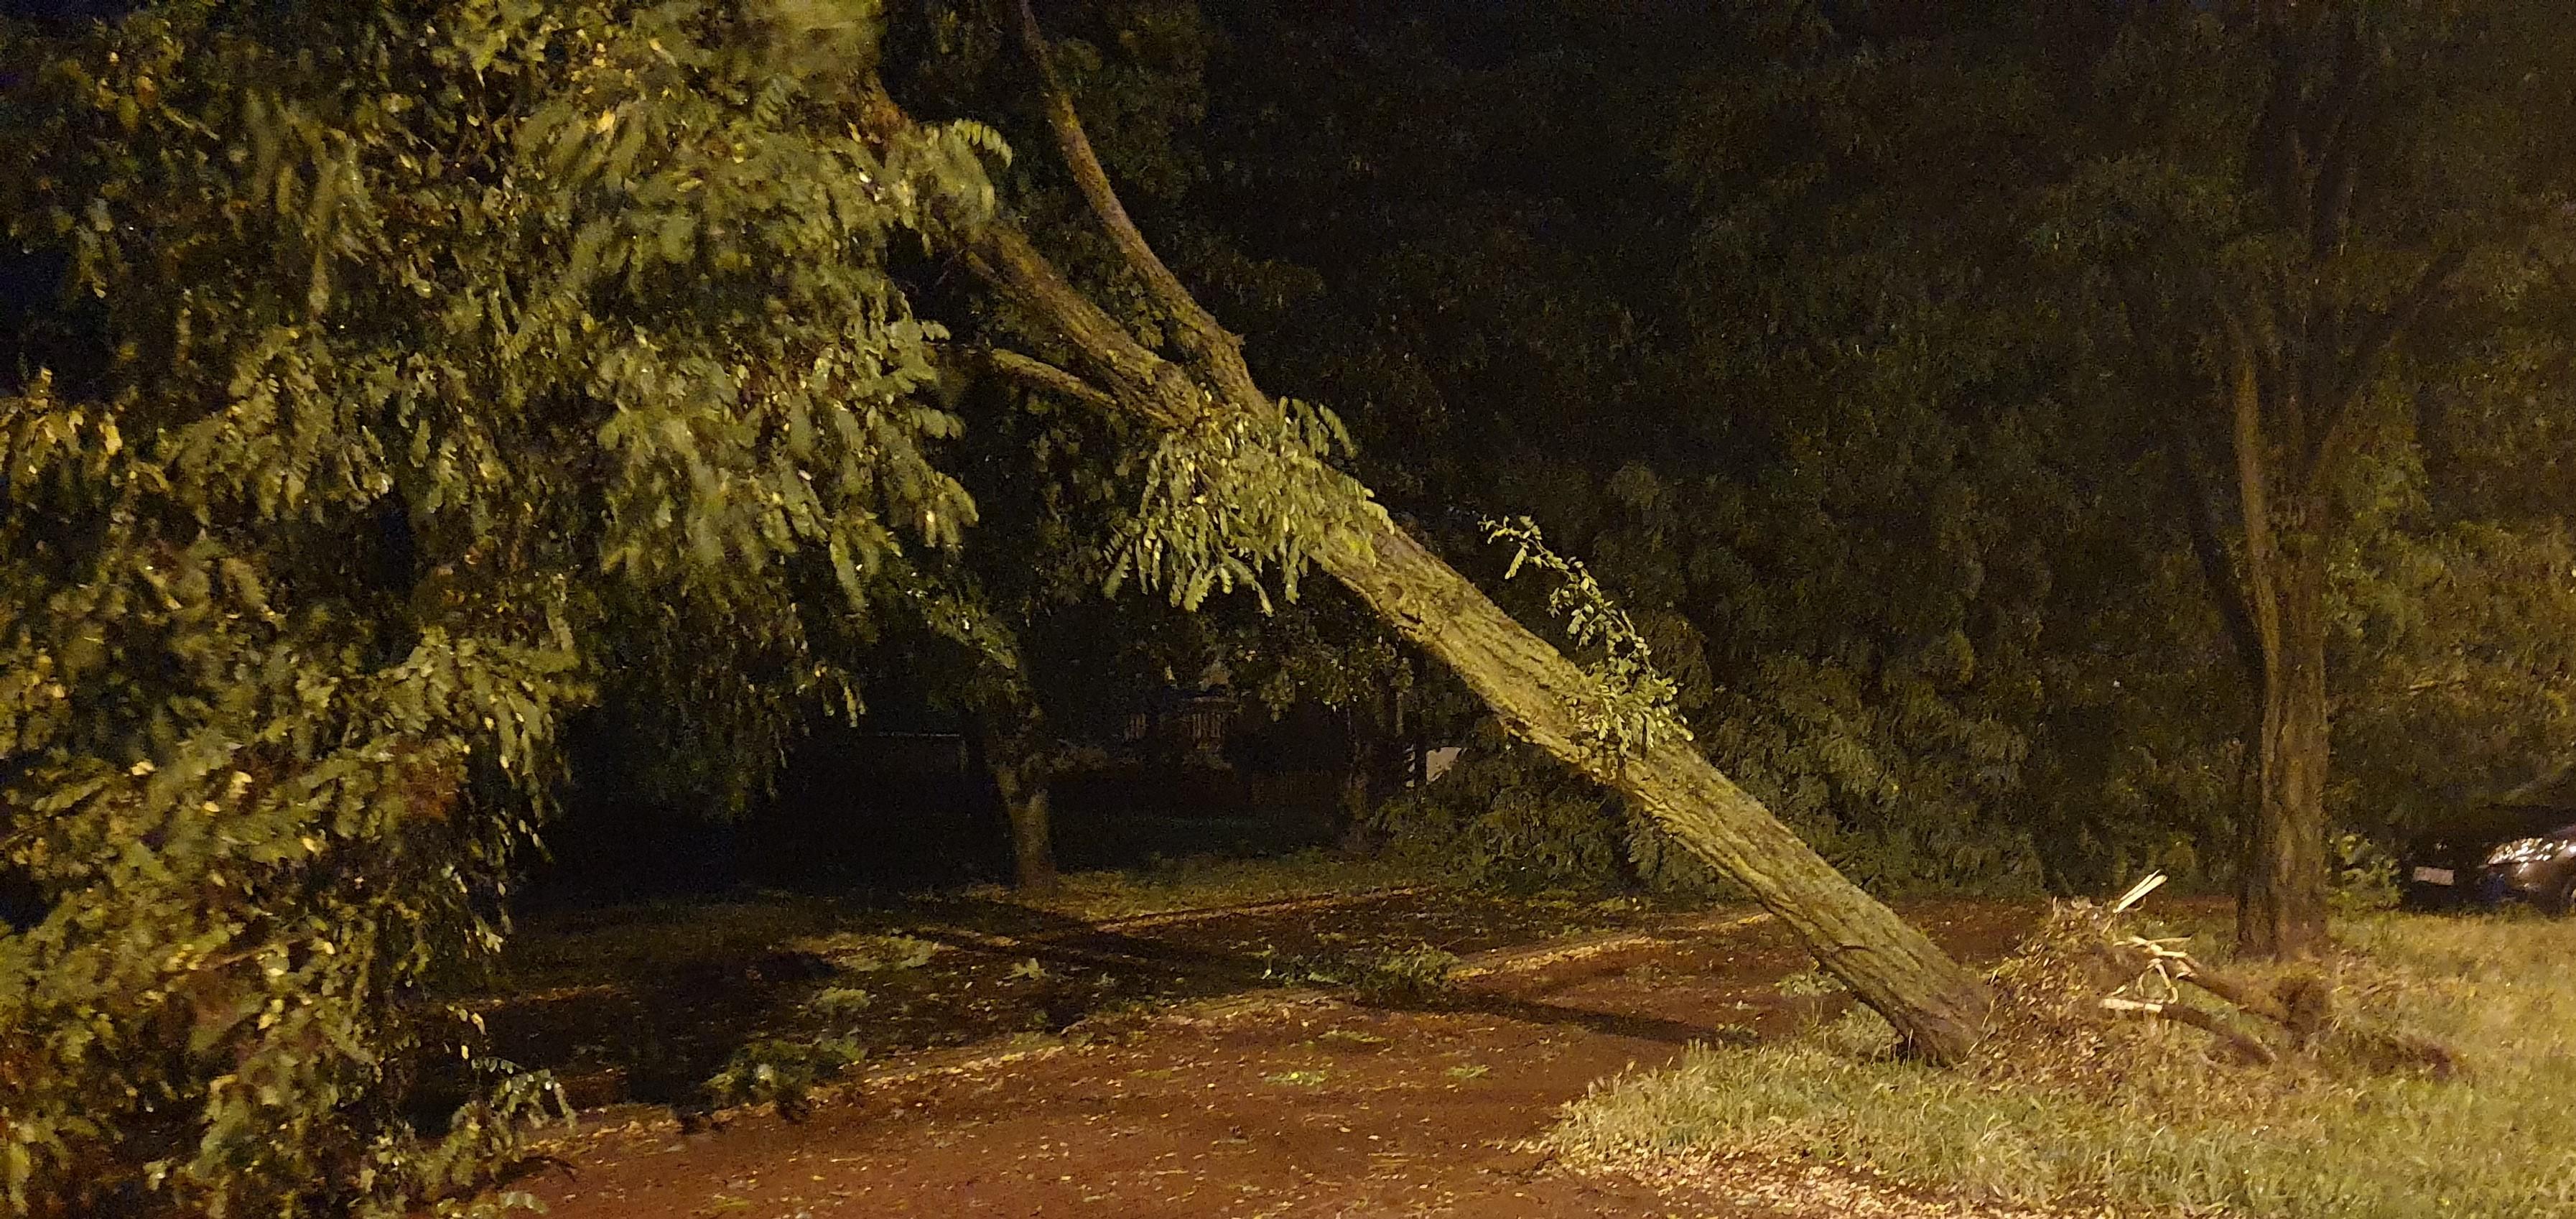 Drzewo przewróciło się na jadący samochód. 3 osoby ranne  - Zdjęcie główne